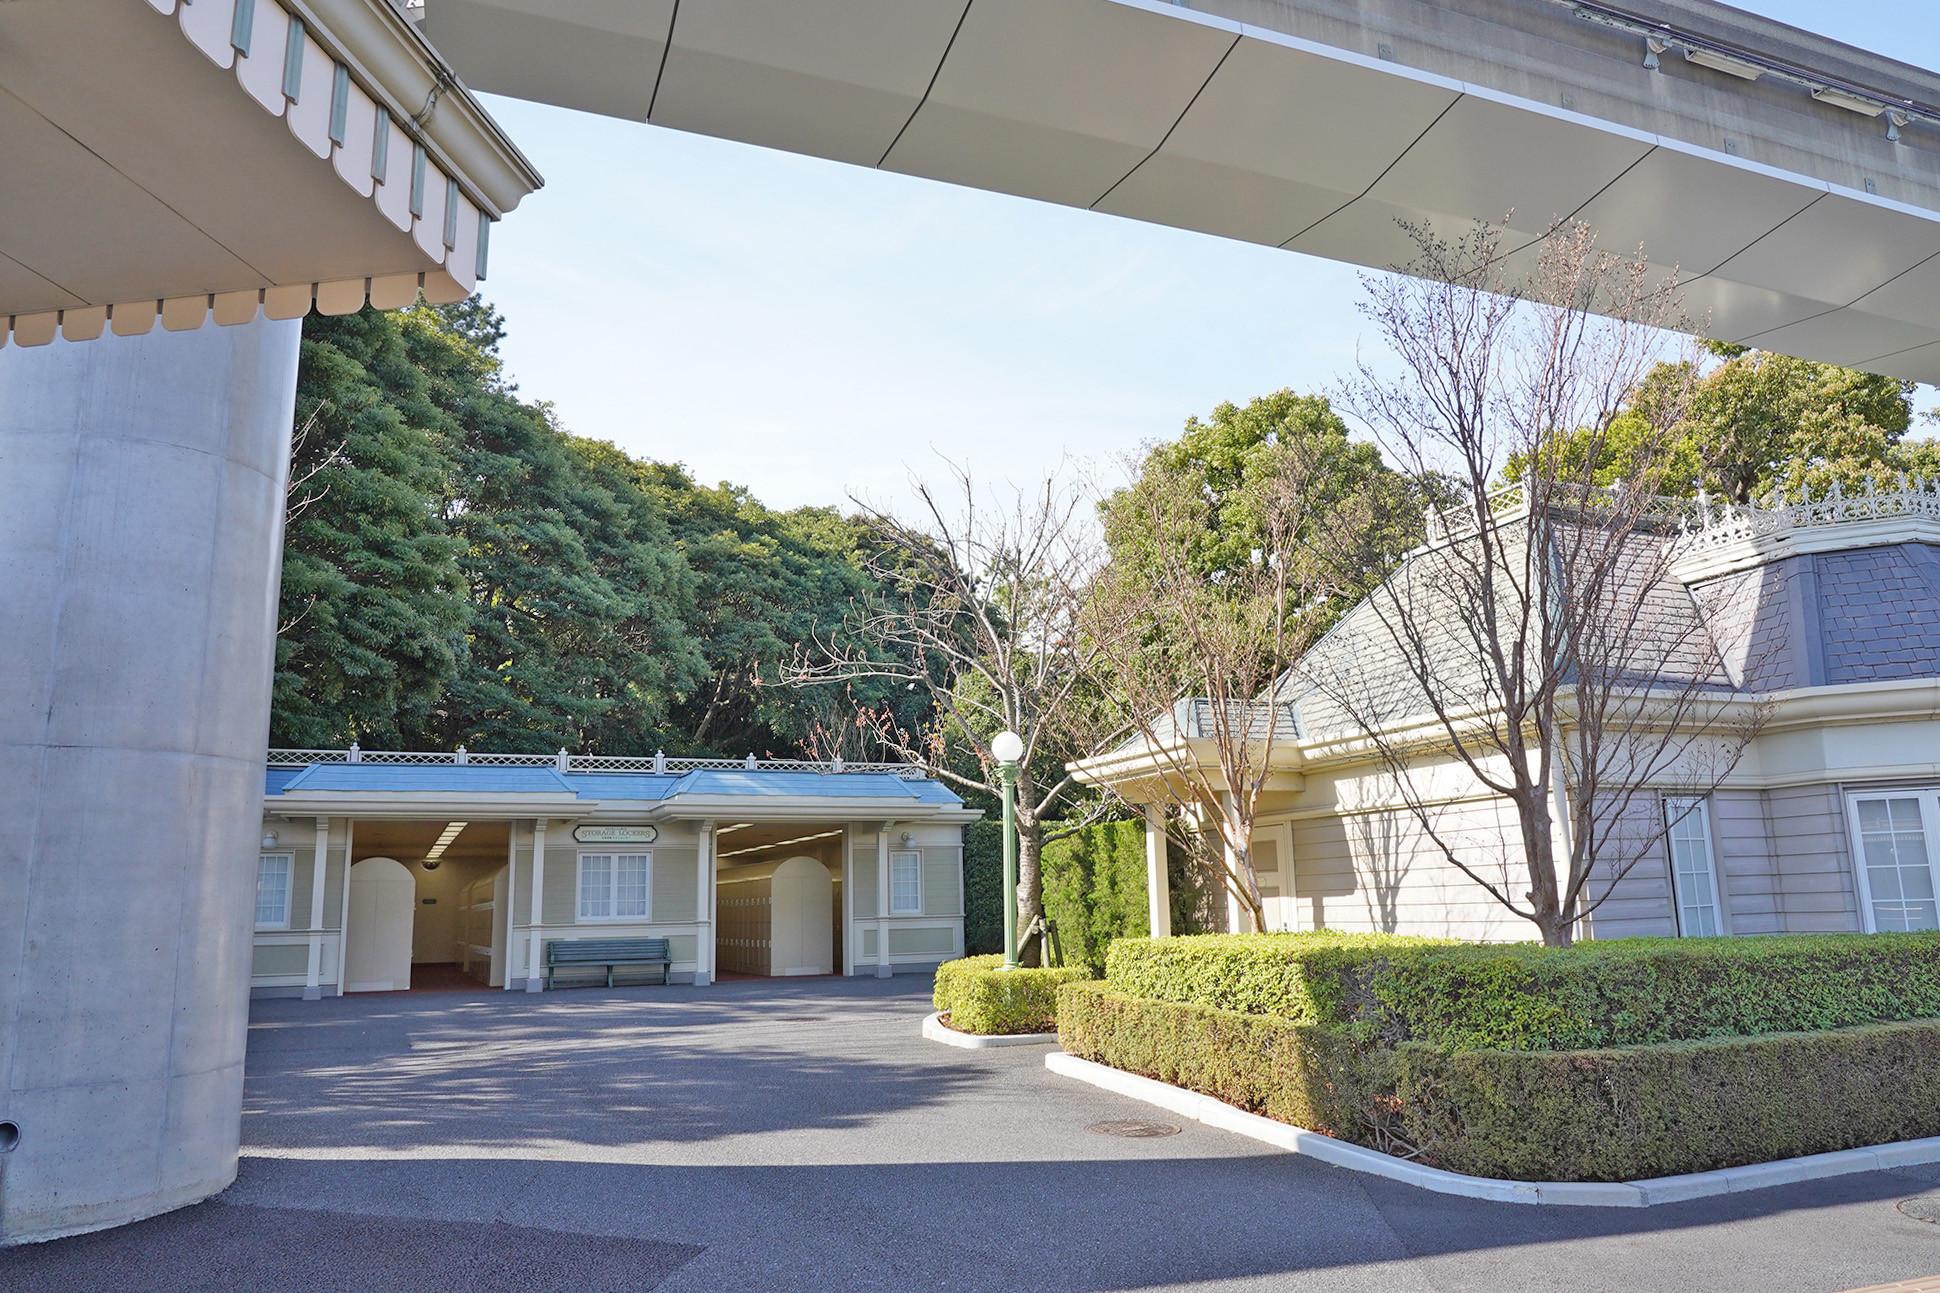 東京ディズニーランド バス・ターミナル付近のコインロッカー(パーク外)